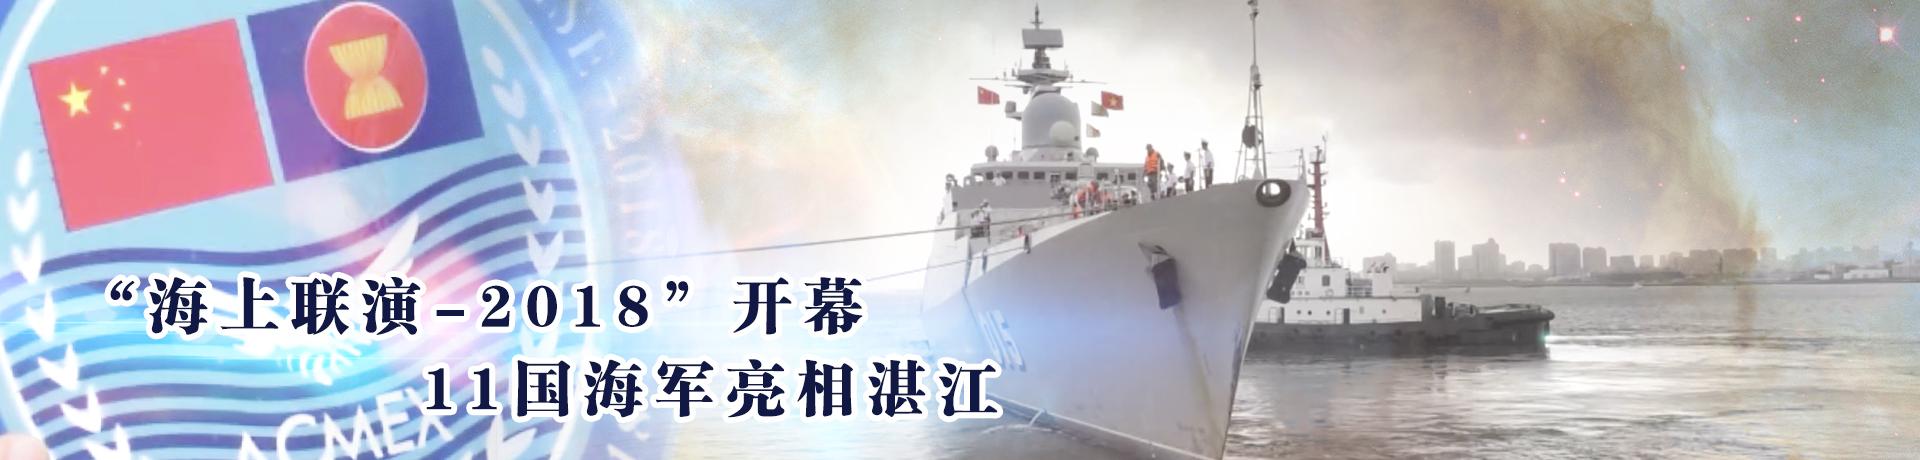 """""""海上联演-2018""""开幕 11国海军亮相湛江"""